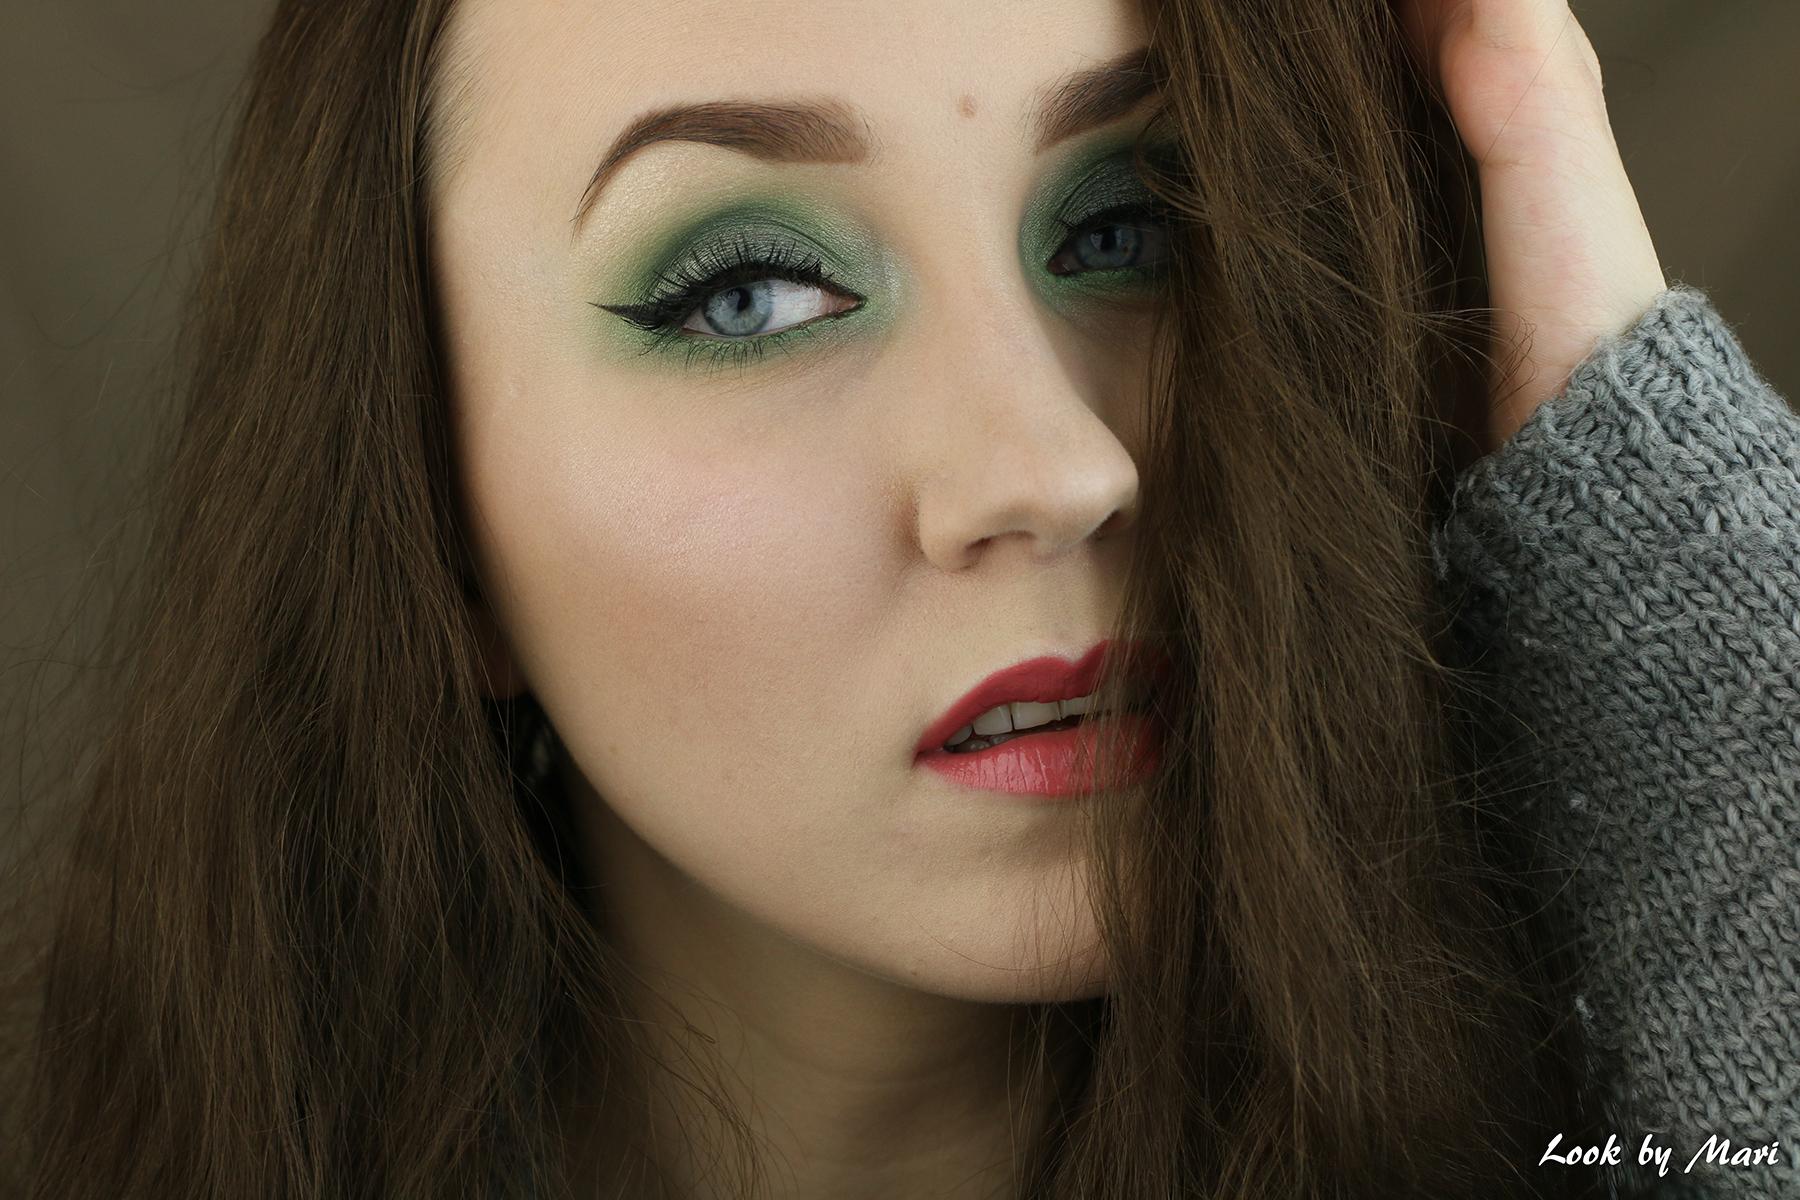 6 vihreä silmämeikki ideat tutoriaali ideoita siniselle silmille